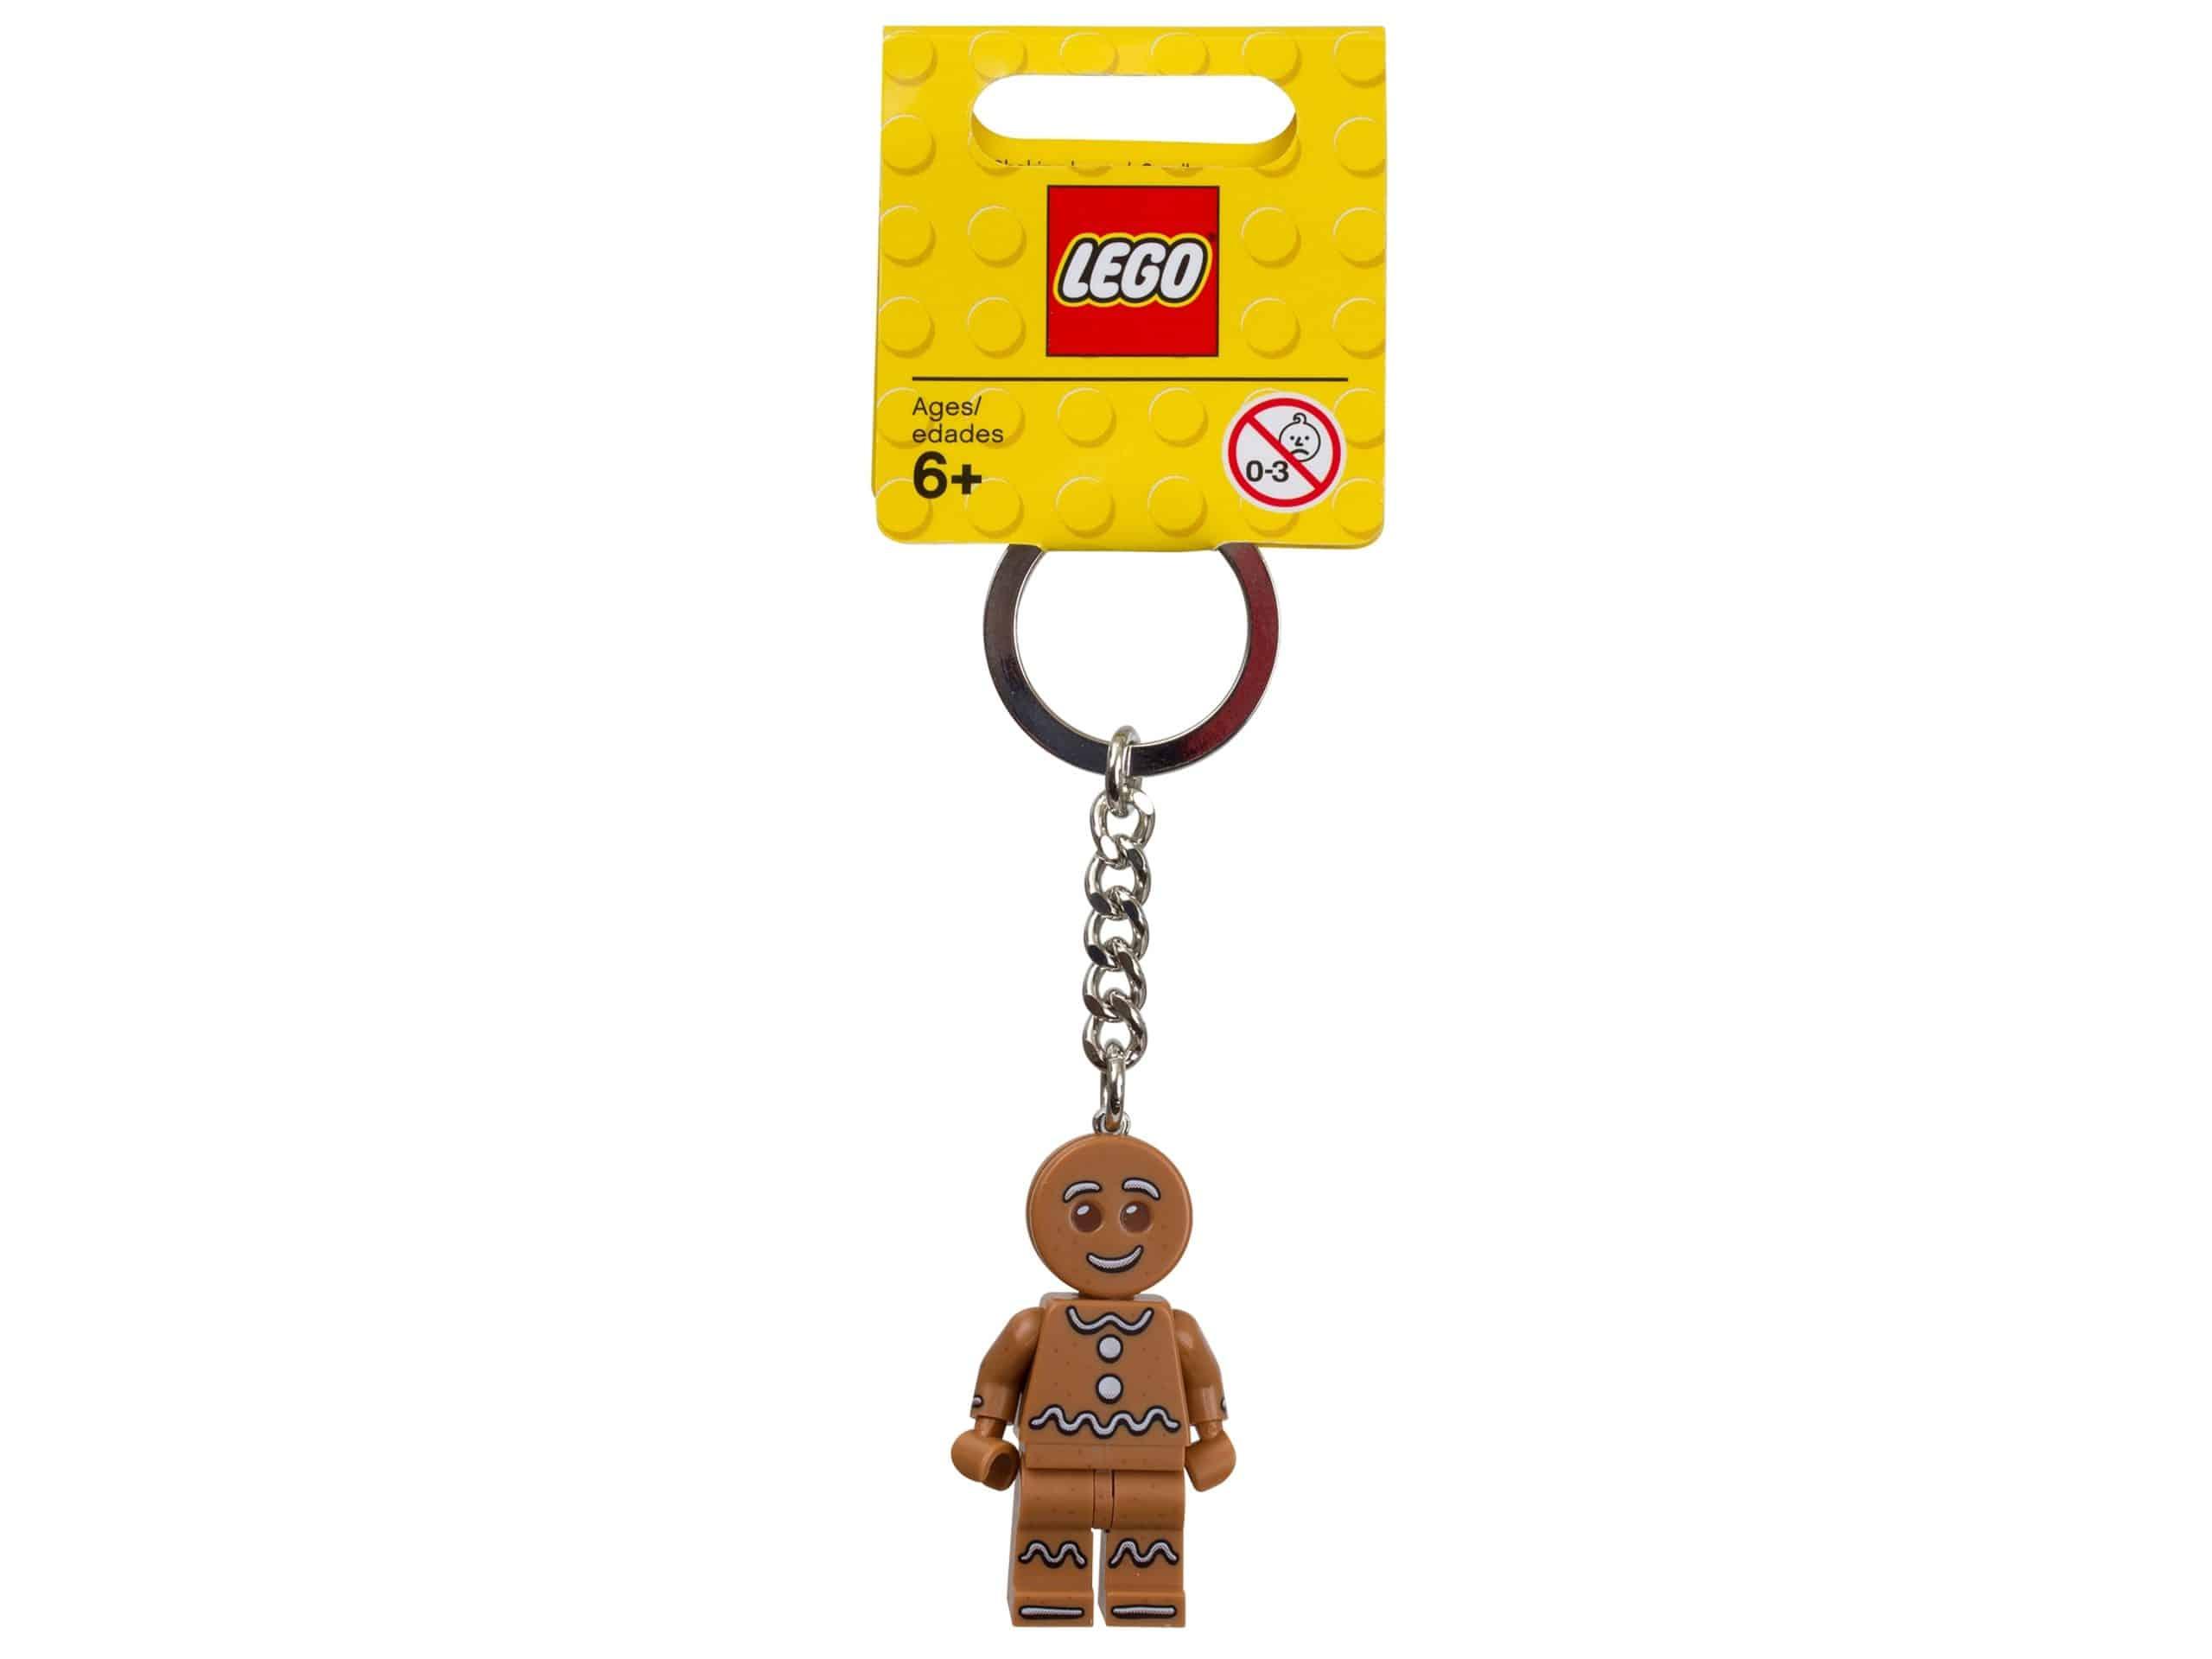 lego 851394 nyckelring pepparkaksgubbe scaled